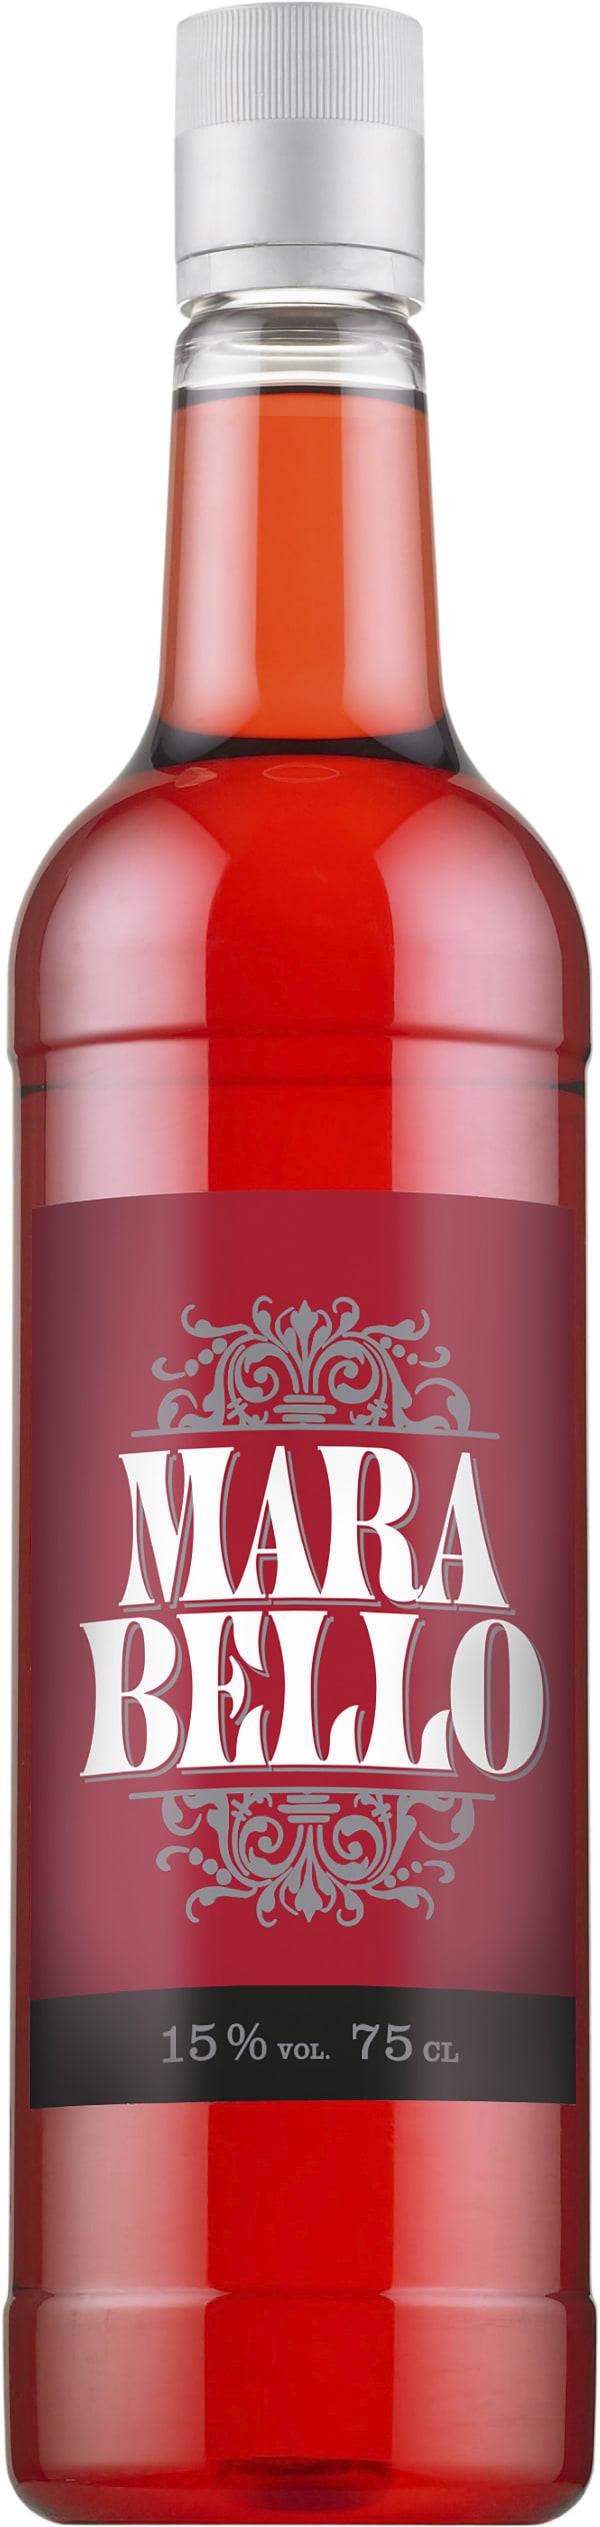 Marabello plastic bottle